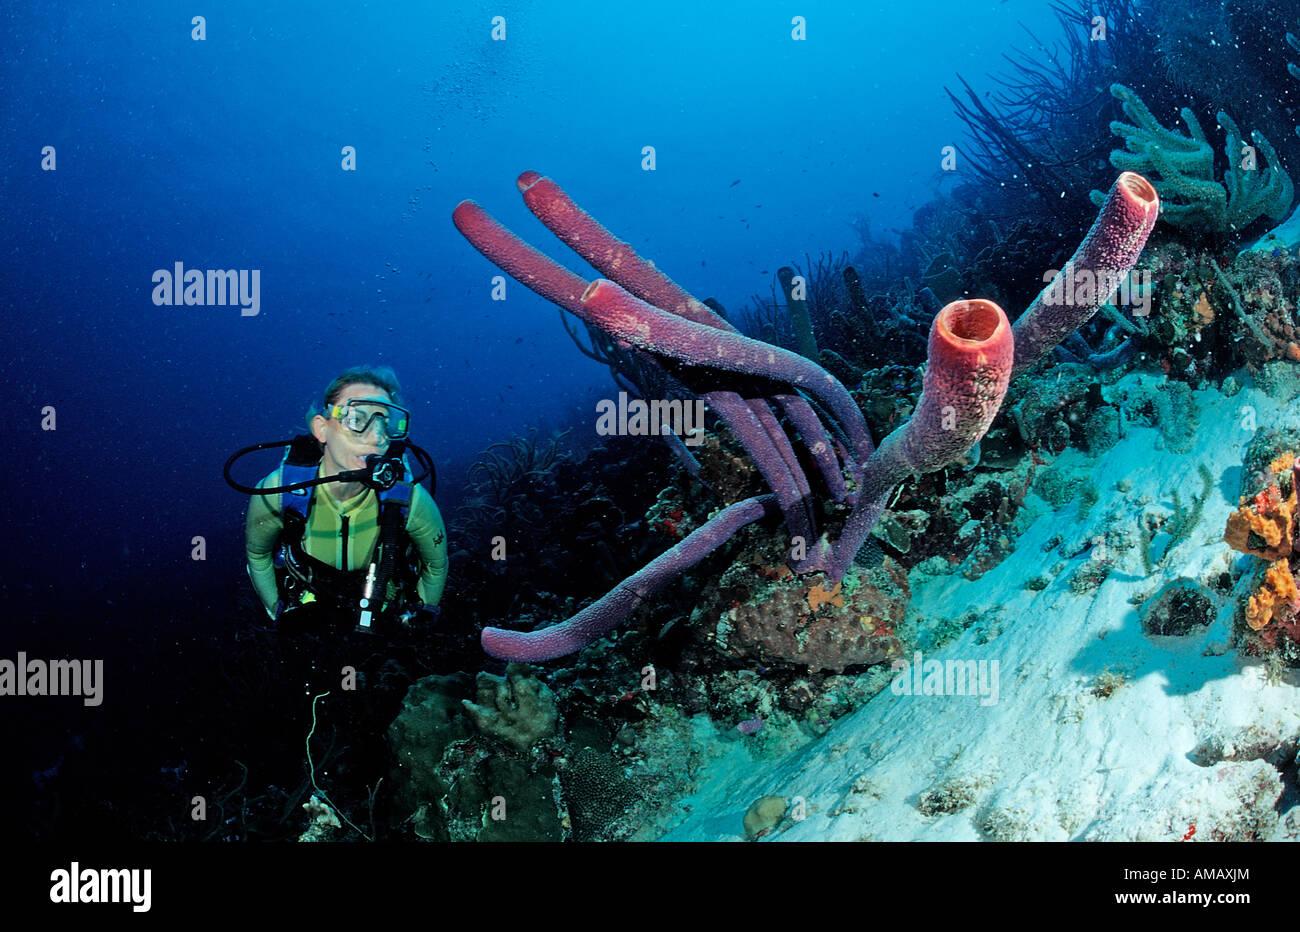 Scuba Diver e tubo da stufa di lavanda spugna Aplysina archeri Antille Olandesi Bonaire Mar dei Caraibi Immagini Stock